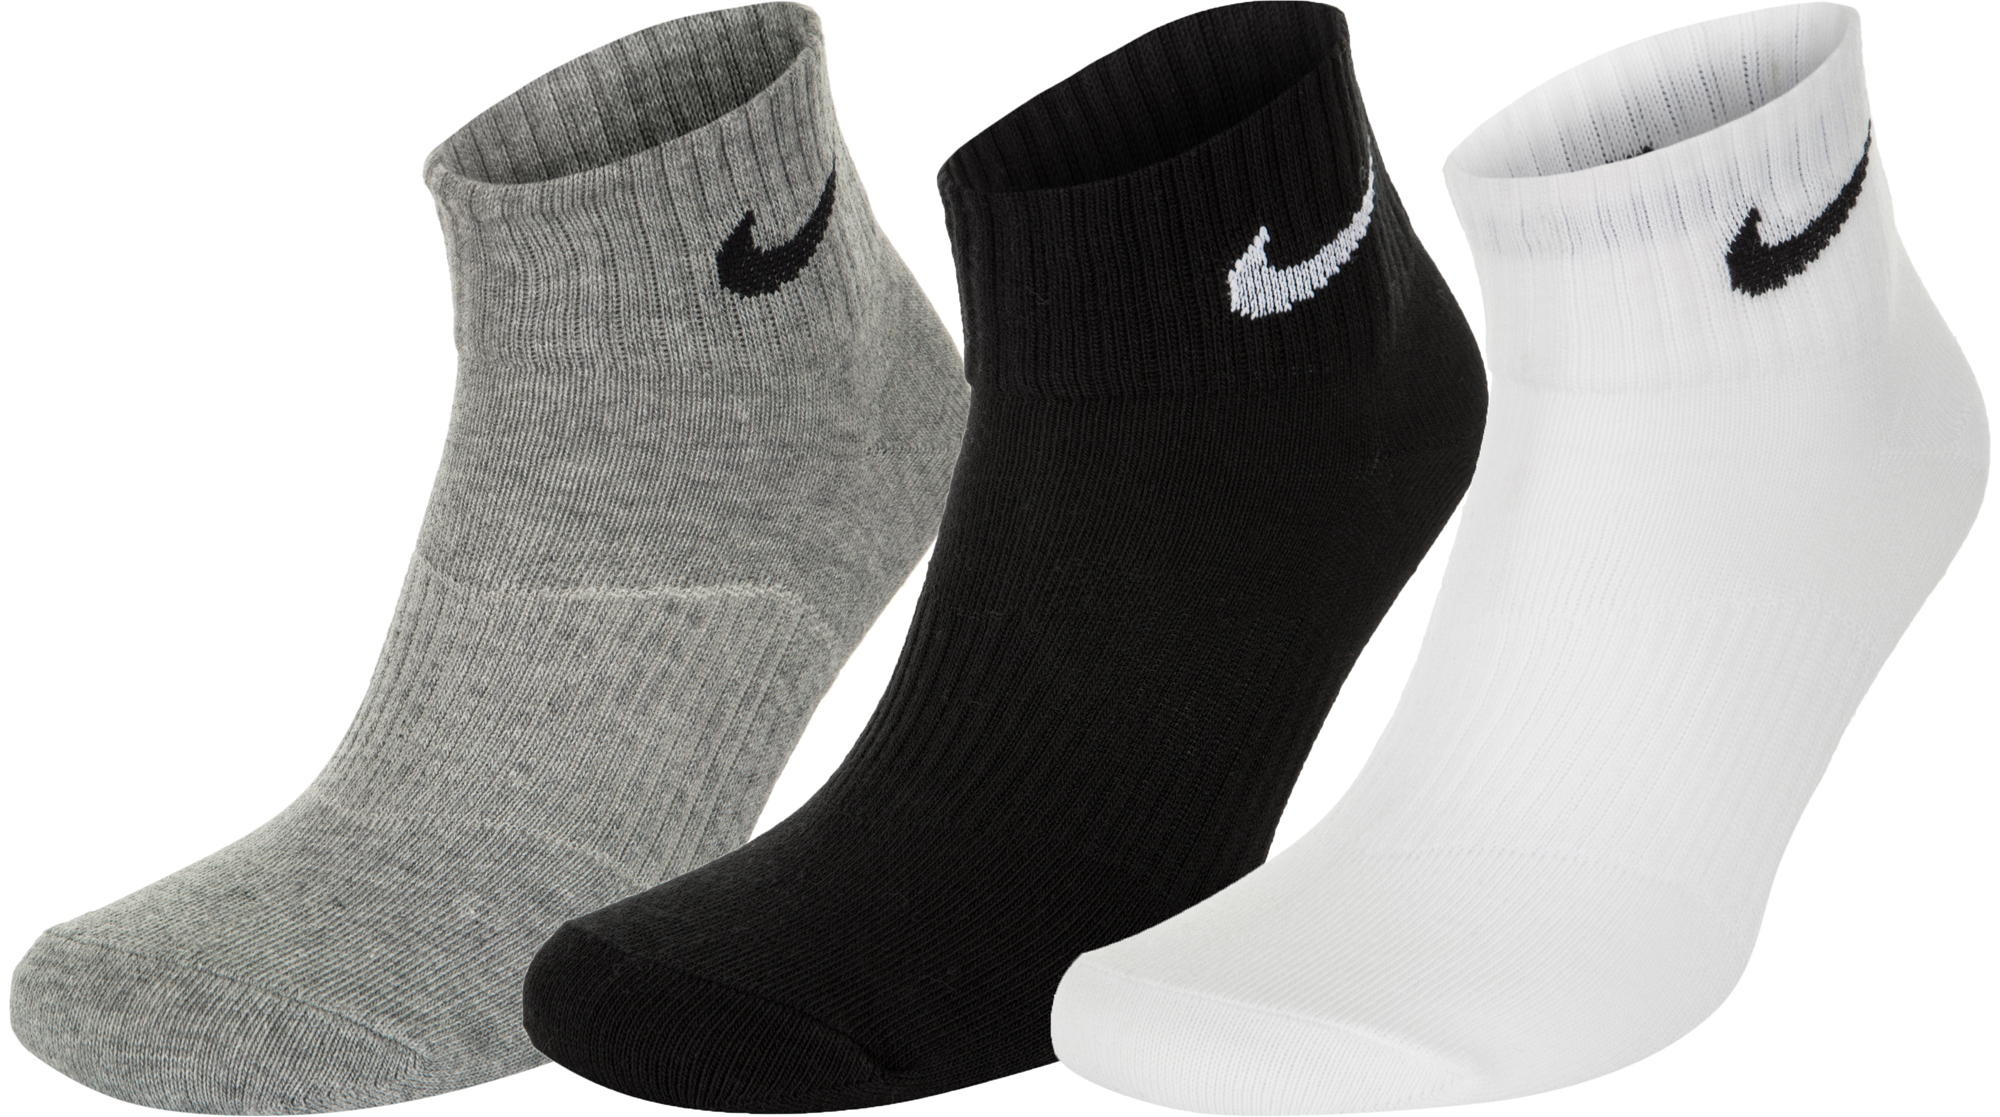 Nike Носки Nike Lightweight Quarter, 3 пары, размер 41-45